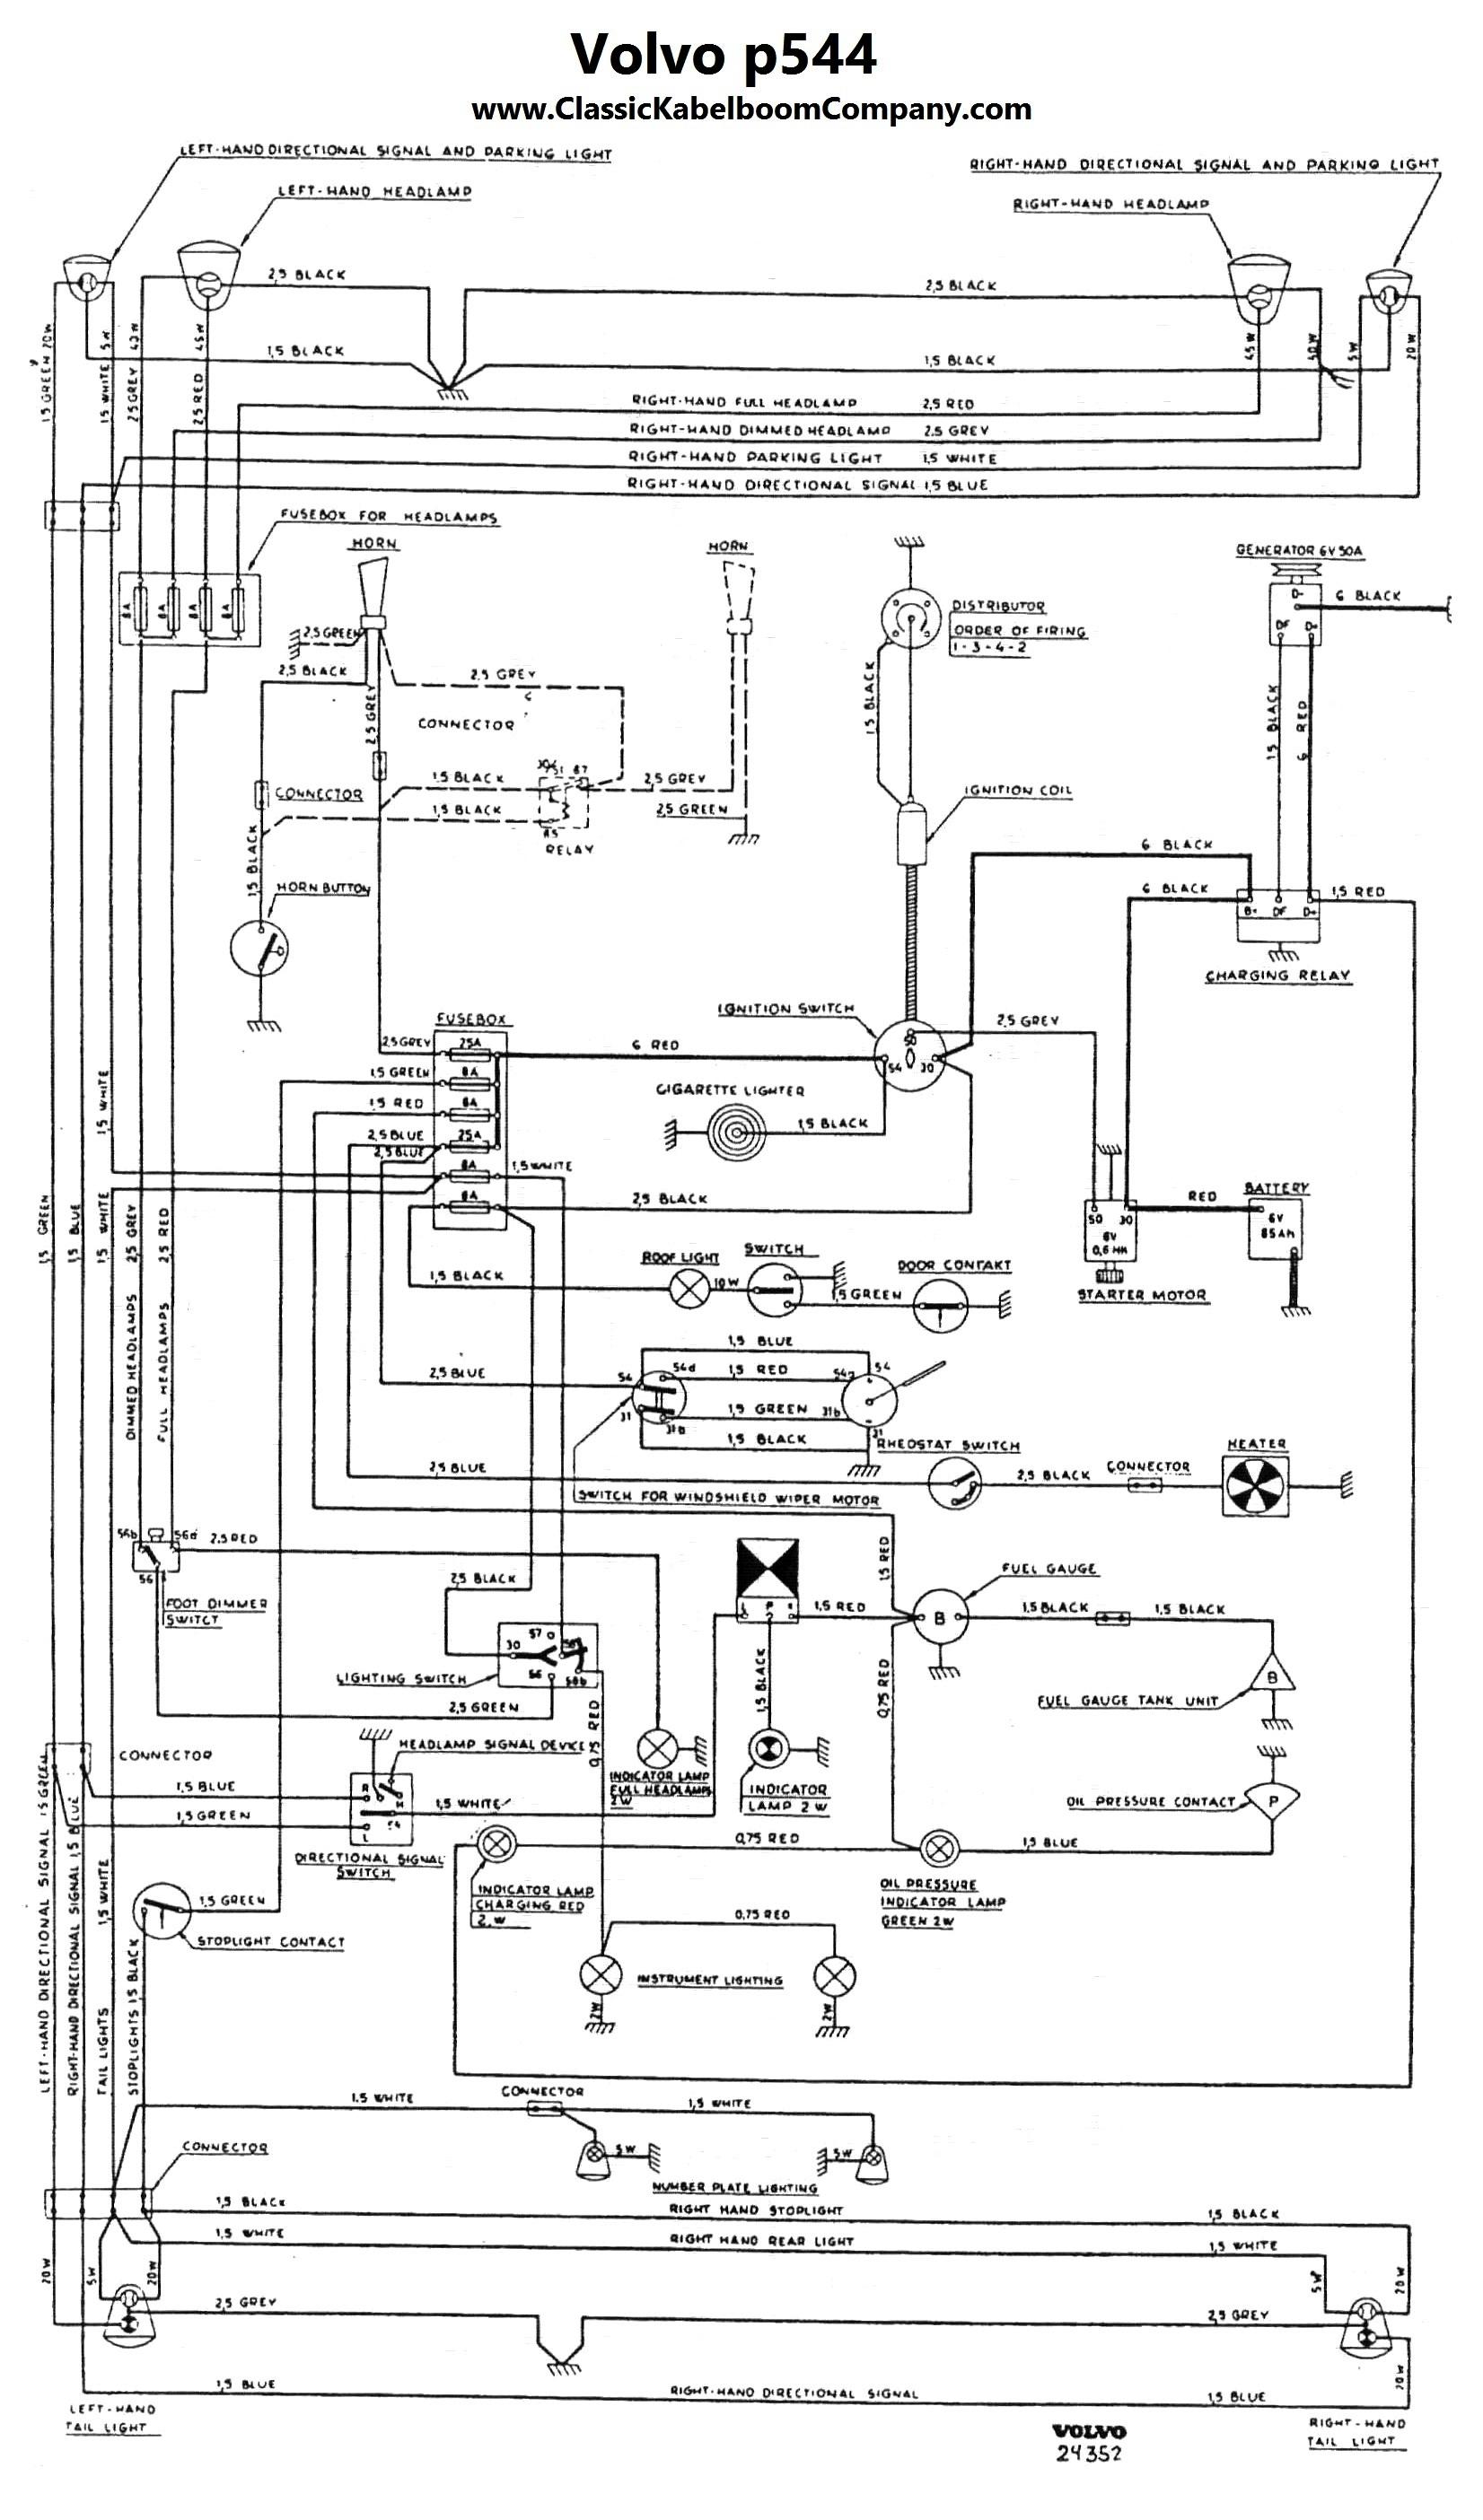 Großartig Elektrisches Schema Fotos - Schaltplan Serie Circuit ...